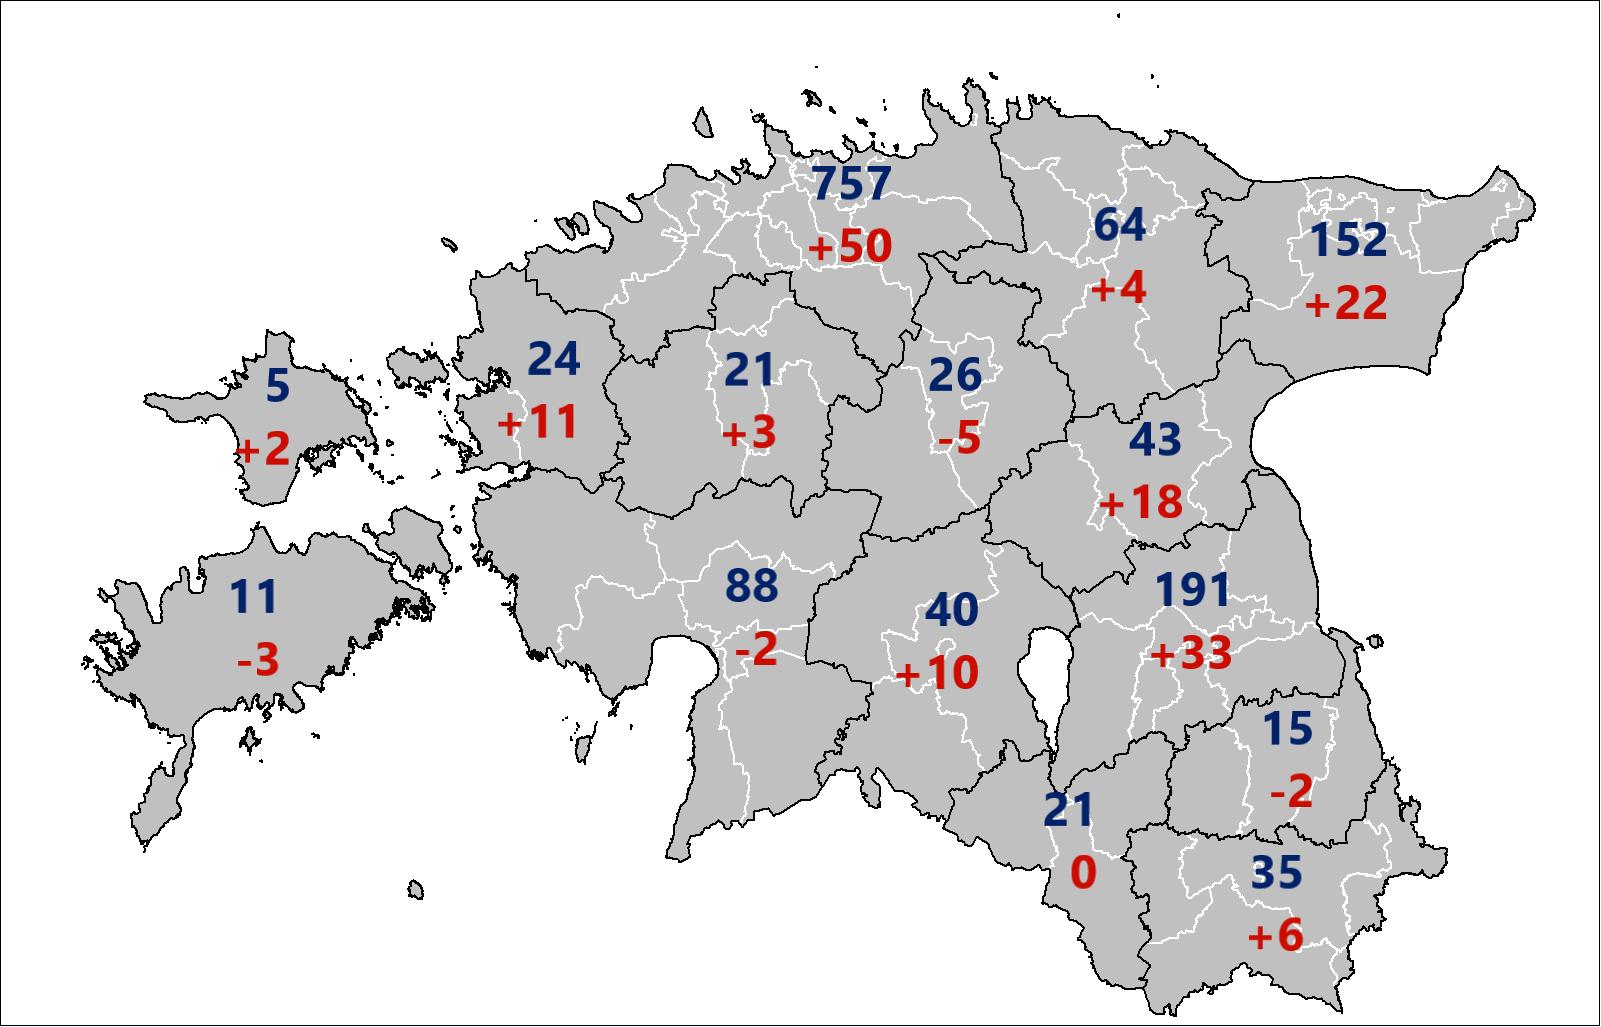 Juuni tehingute arv (sinise kirjaga) ja tehingute arvu muutus võrreldes maiga (punase kirjaga)